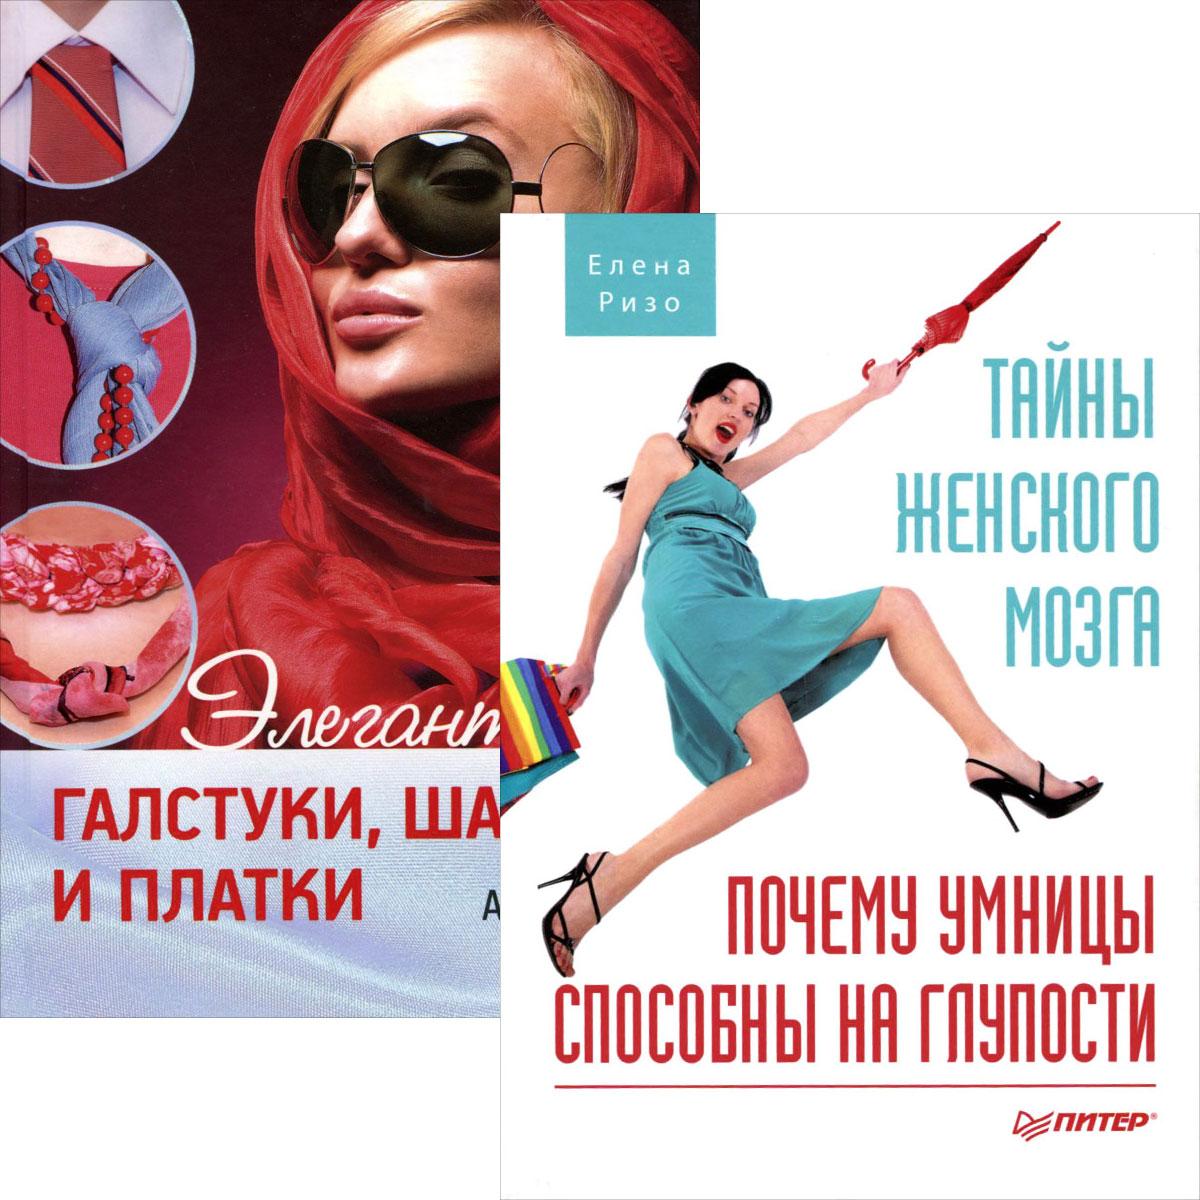 А. Иванов, Елена Ризо Элегантные галстуки, шарфы и платки. Тайны женского мозга. Почему умницы способны на глупости (комплект из 2 книг) галстуки